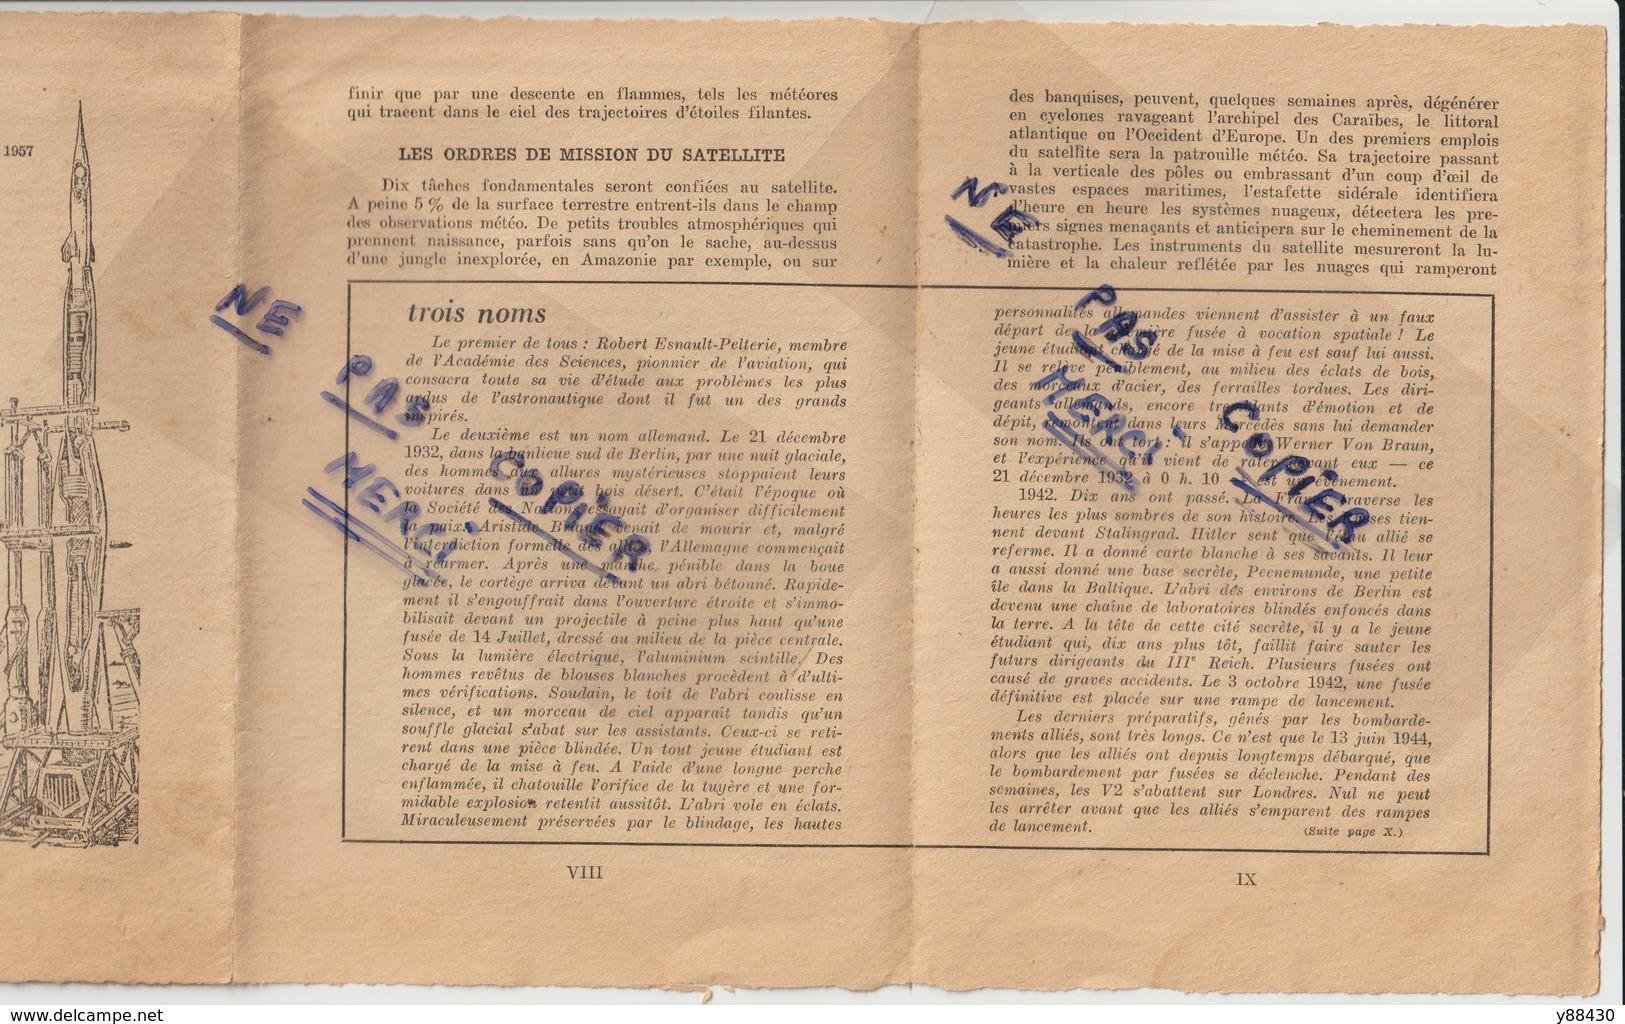 Livret - 1957 - ANNEE ZERO DE L'ERE INTERTERPLANETAIRE - Voir En Couverture SIMCA Voiture Aronde De 58 - 11 Scannes - Sciences & Technique